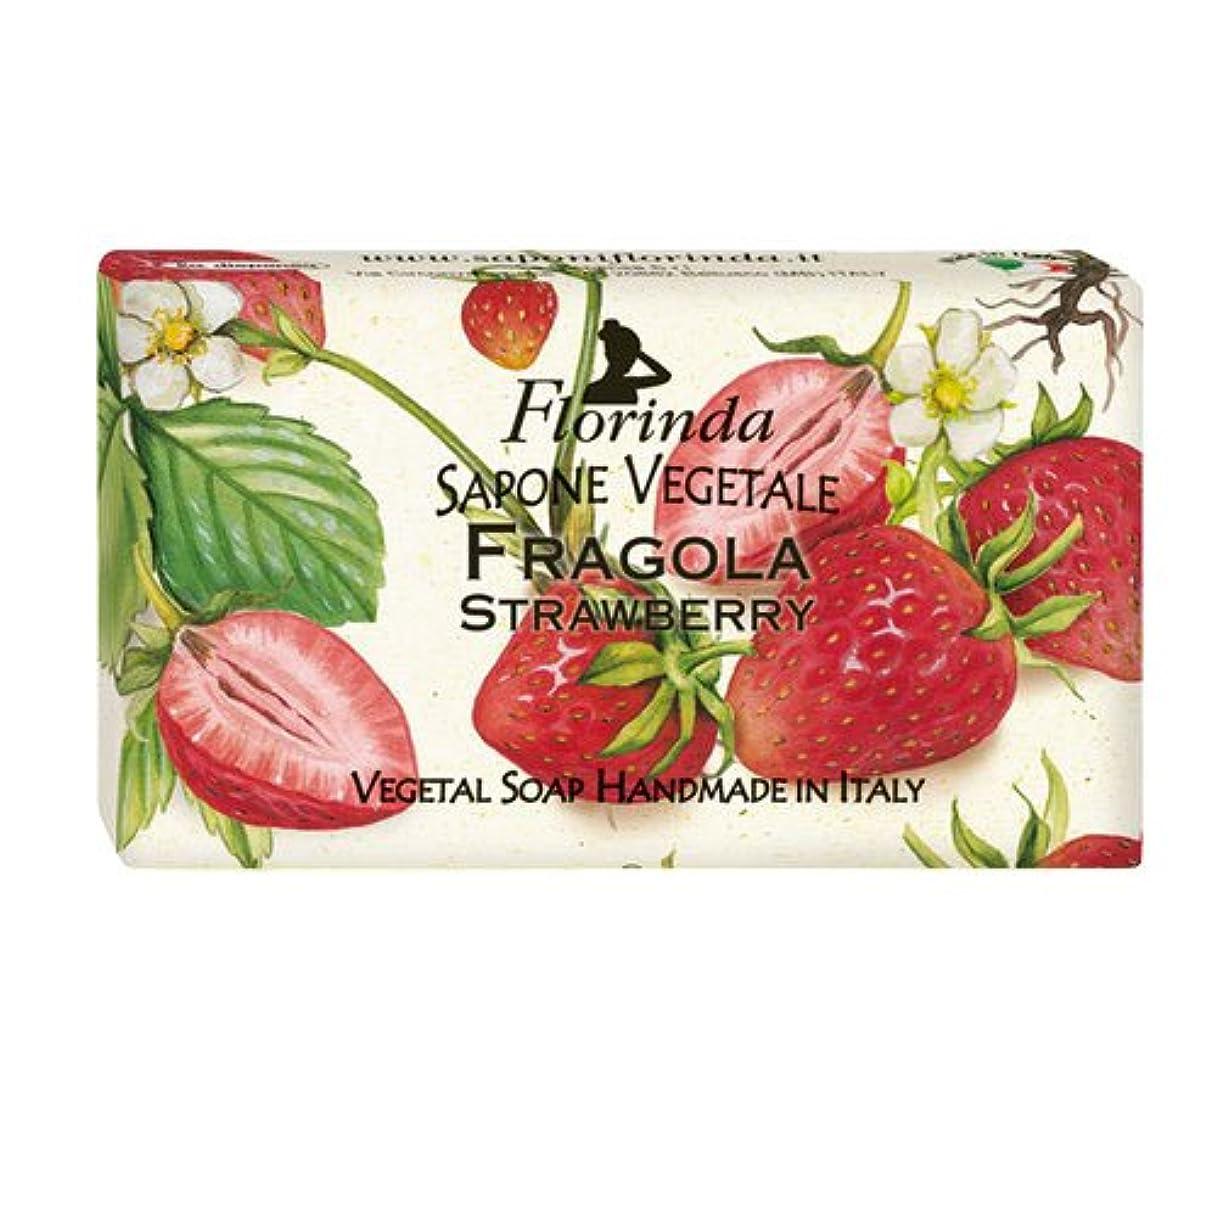 睡眠具体的に解放フロリンダ フレグランスソープ フルーツ ストロベリー 95g